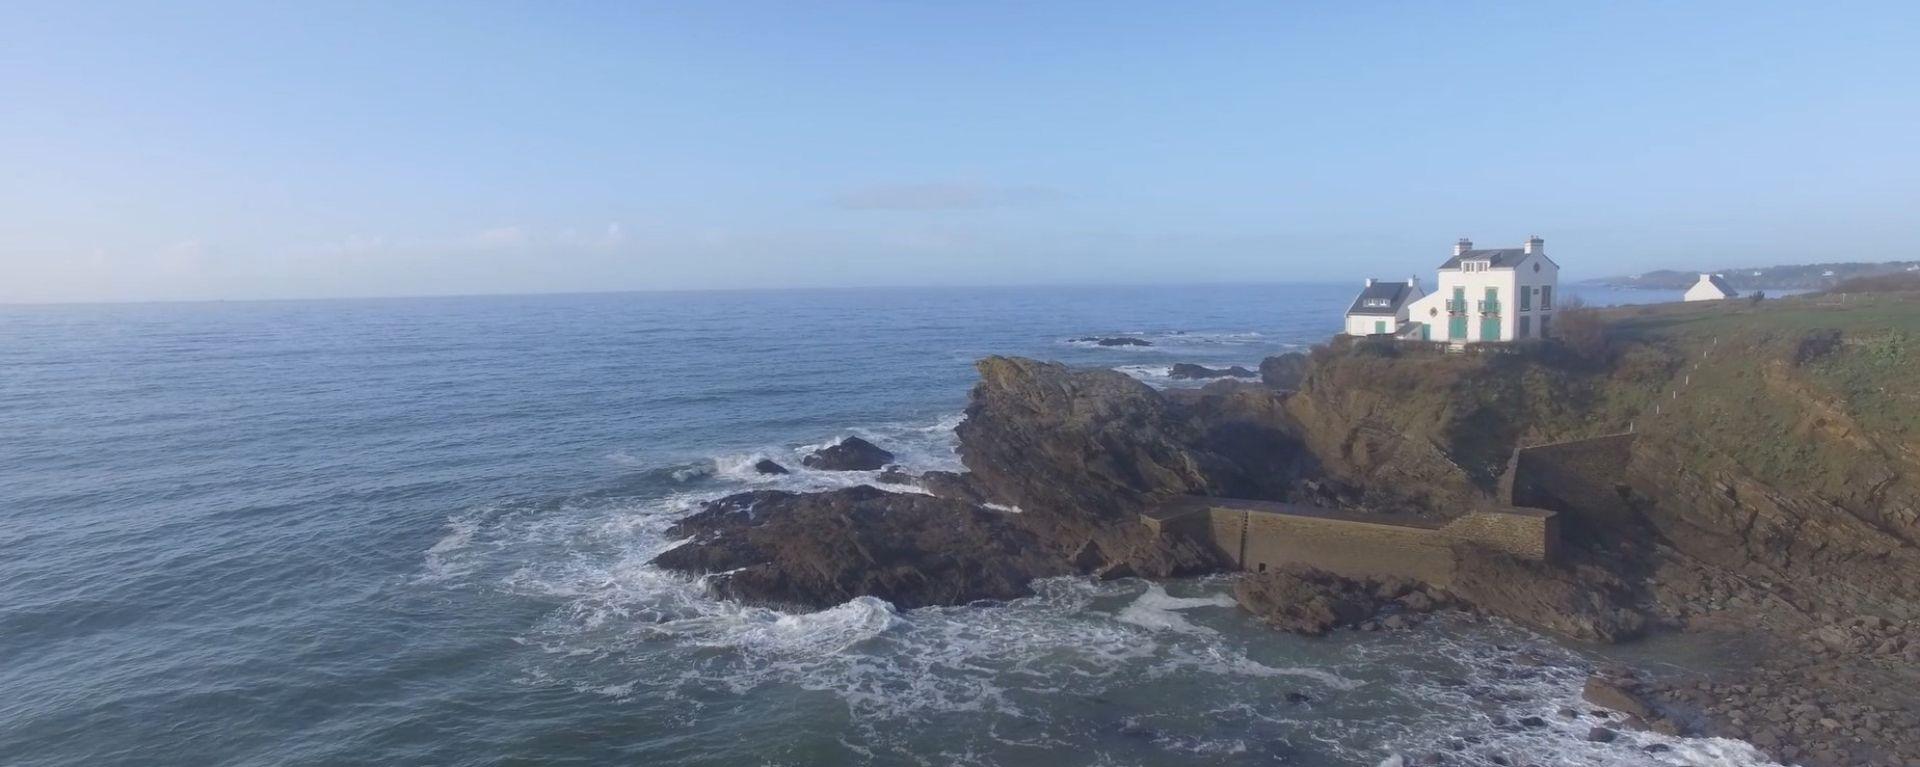 vue d'une maison sur la côte proche du camping à clohars carnoet